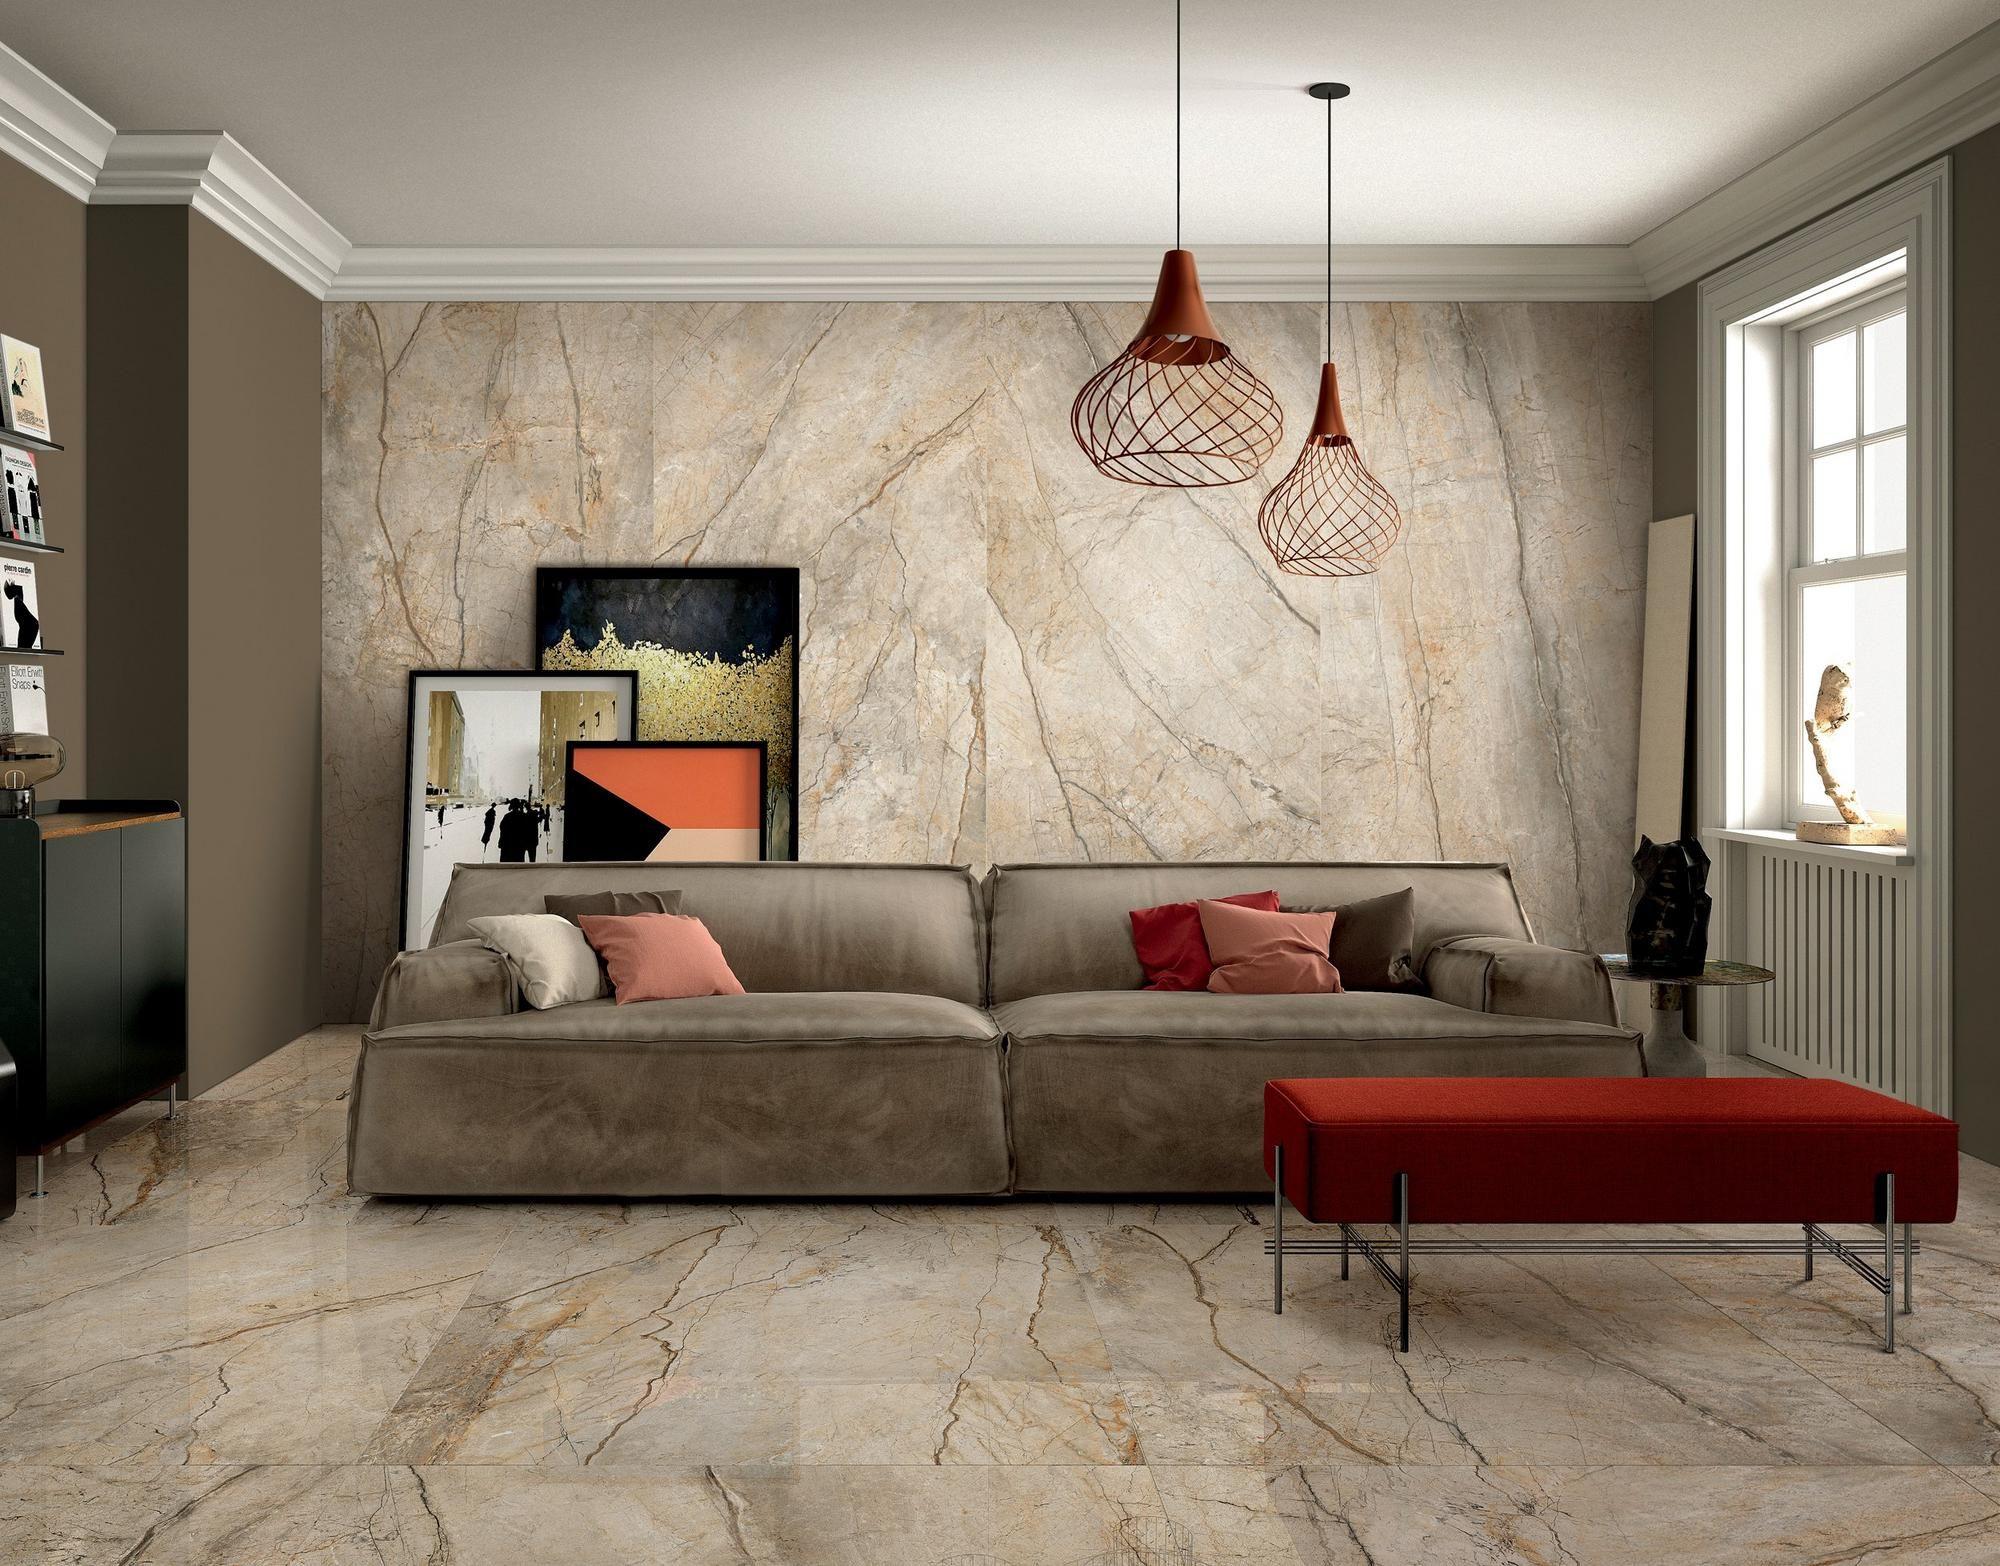 Bellmeade Greige Polished Porcelain Tile In 2020 White Polished Porcelain Tiles Flooring Options Durable Living Room Flooring #porcelain #tile #for #living #room